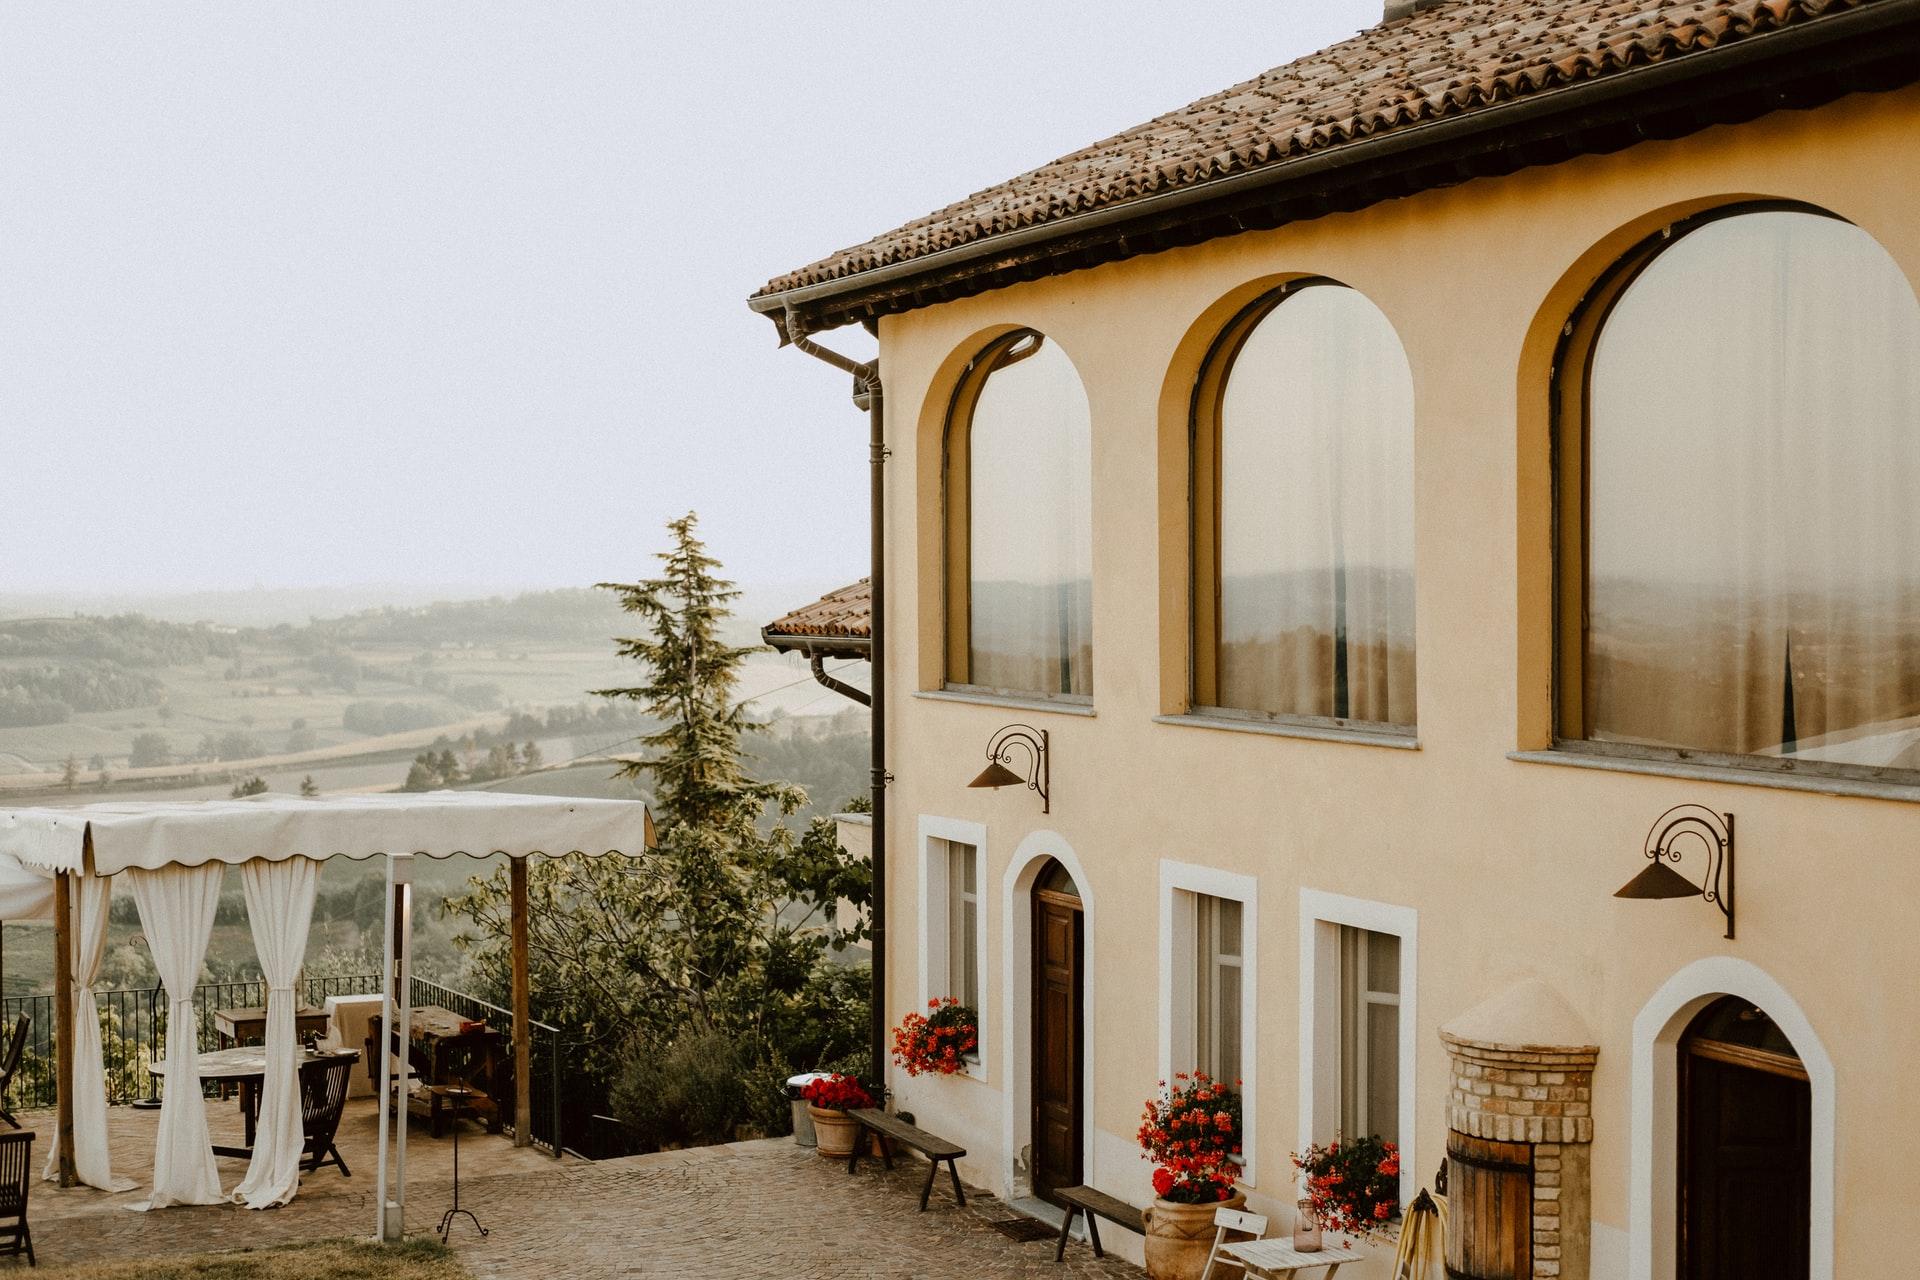 Ferienhaus kaufen in den Bergen